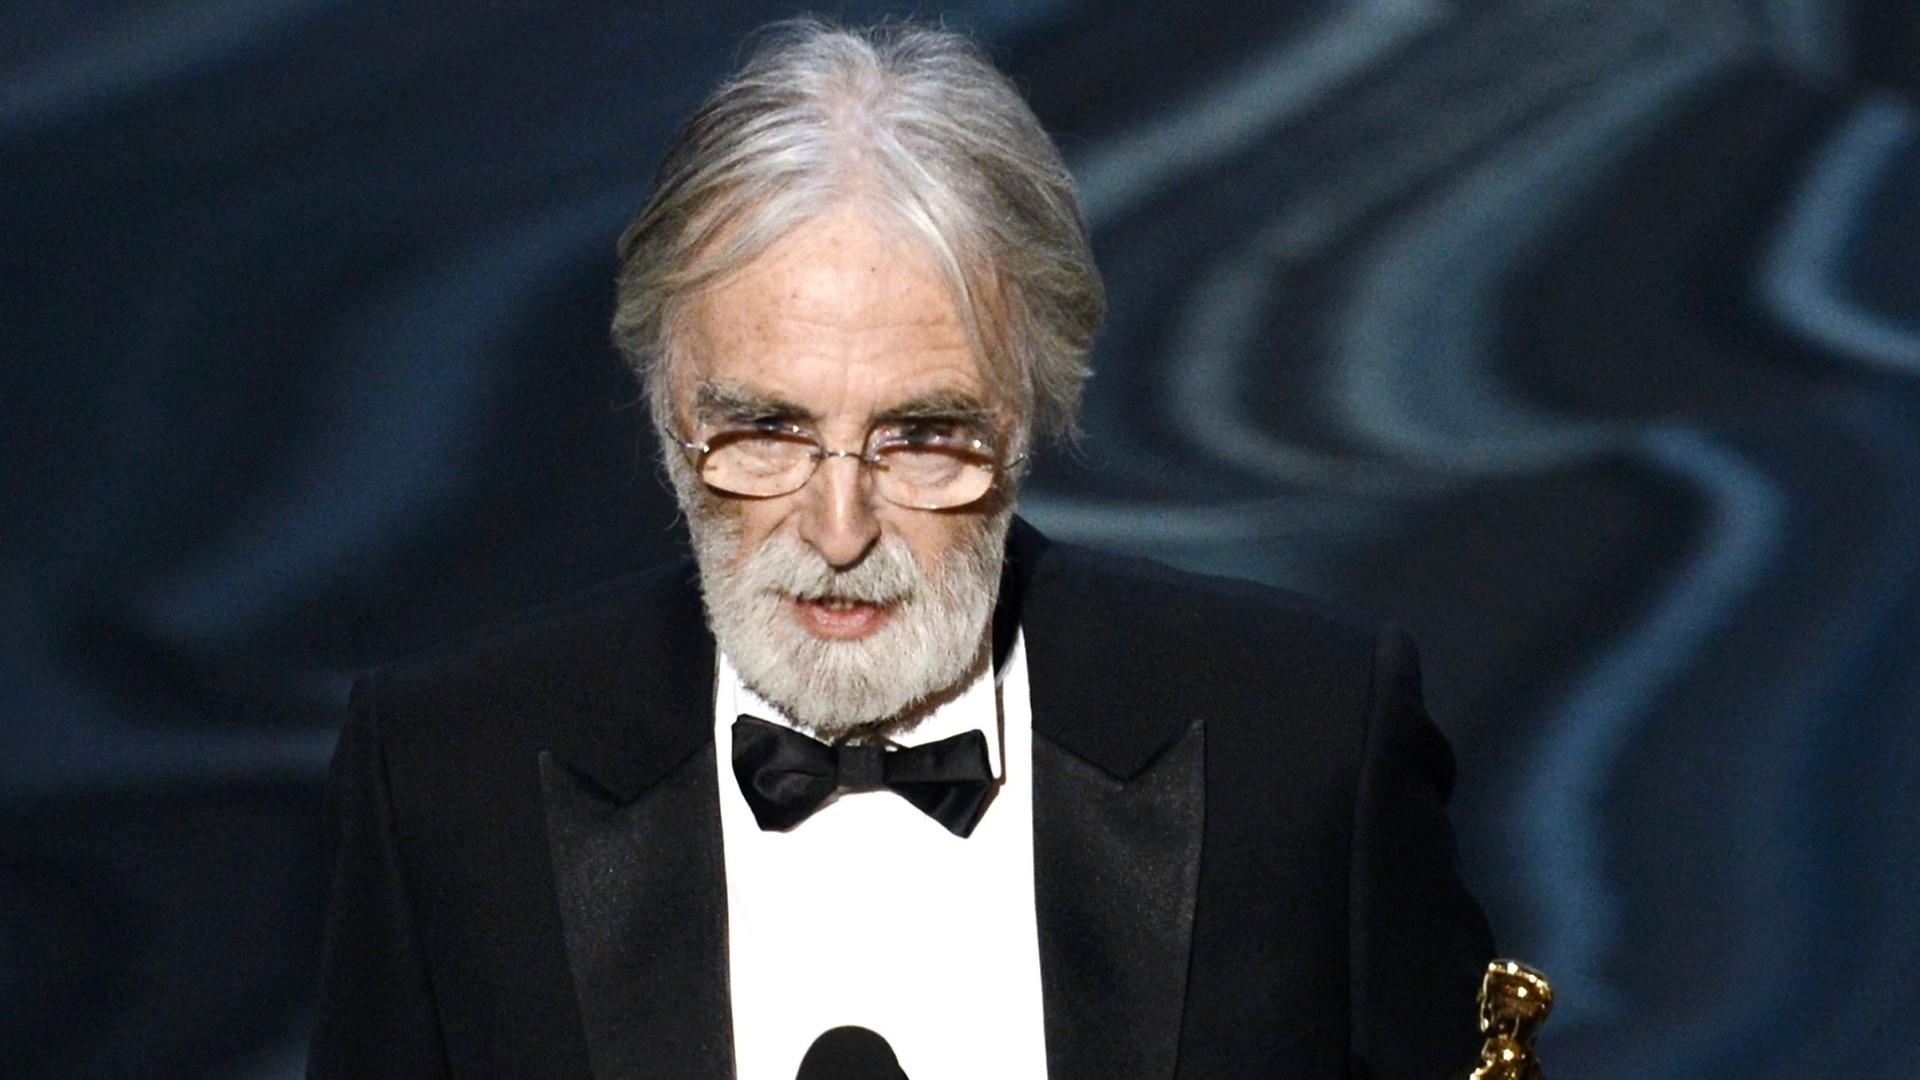 O diretor Michael Haneke ganha seu segundo Oscar; desta vez o austríaco levou a estatueta de Melhor Filme Estrangeiro por